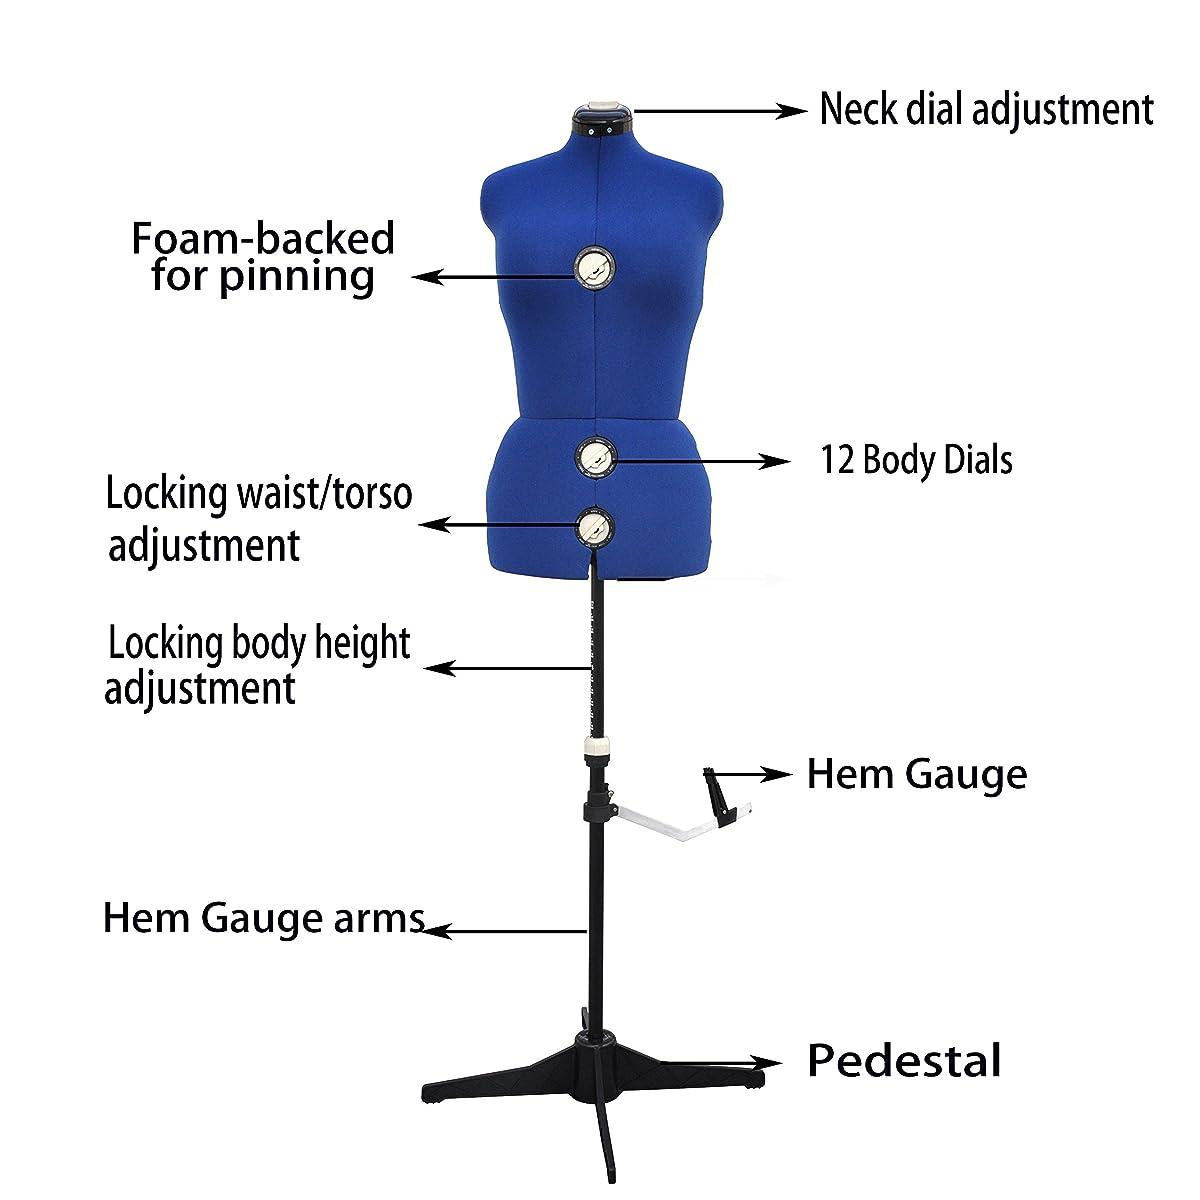 13 Dials Adjustable Dress Form, Large